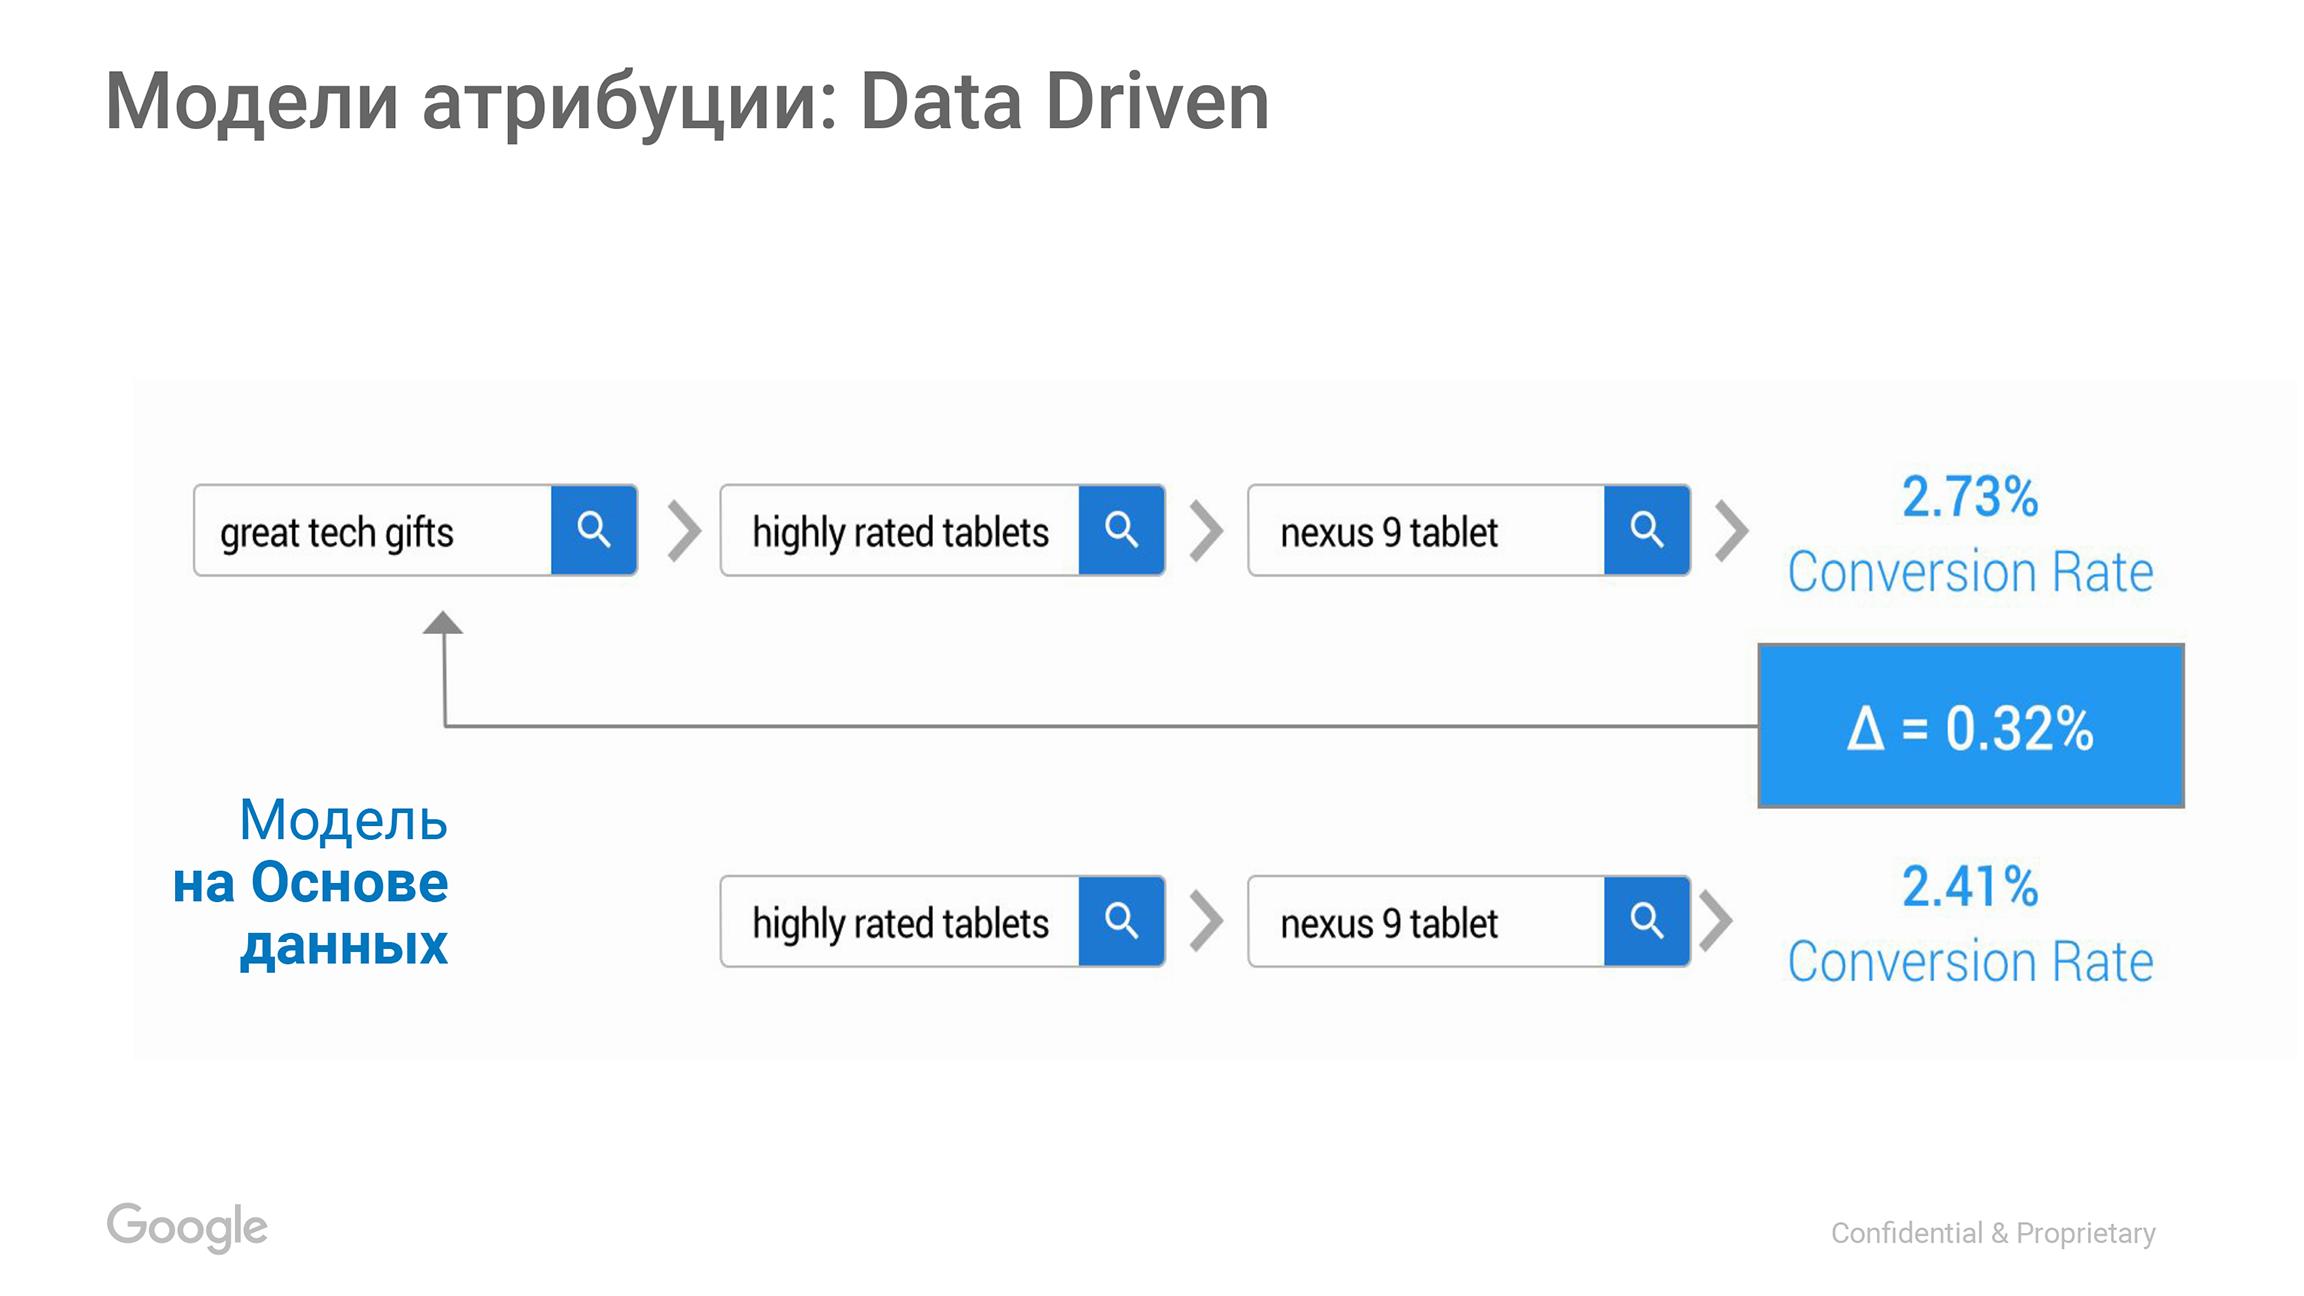 Схема модели атрибуции Data Driven